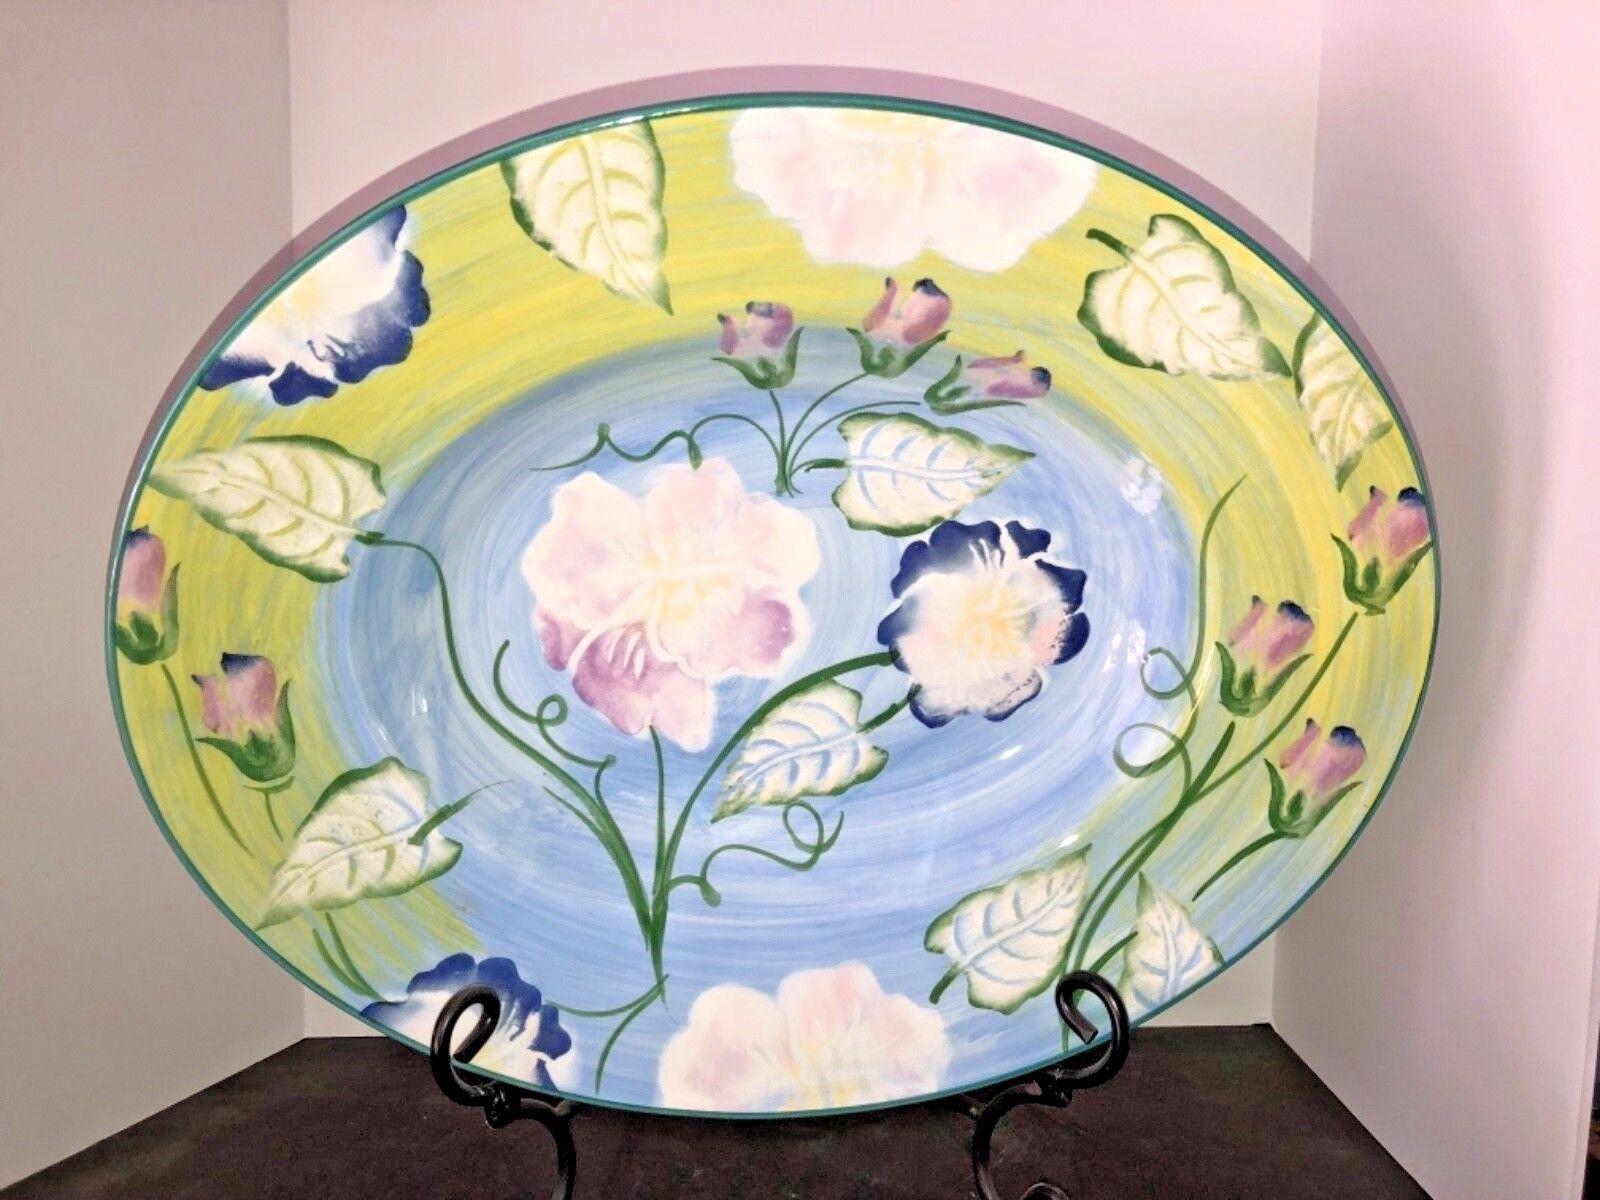 New X-Large Italien Céramique Capri Style Serving Decorative Platter